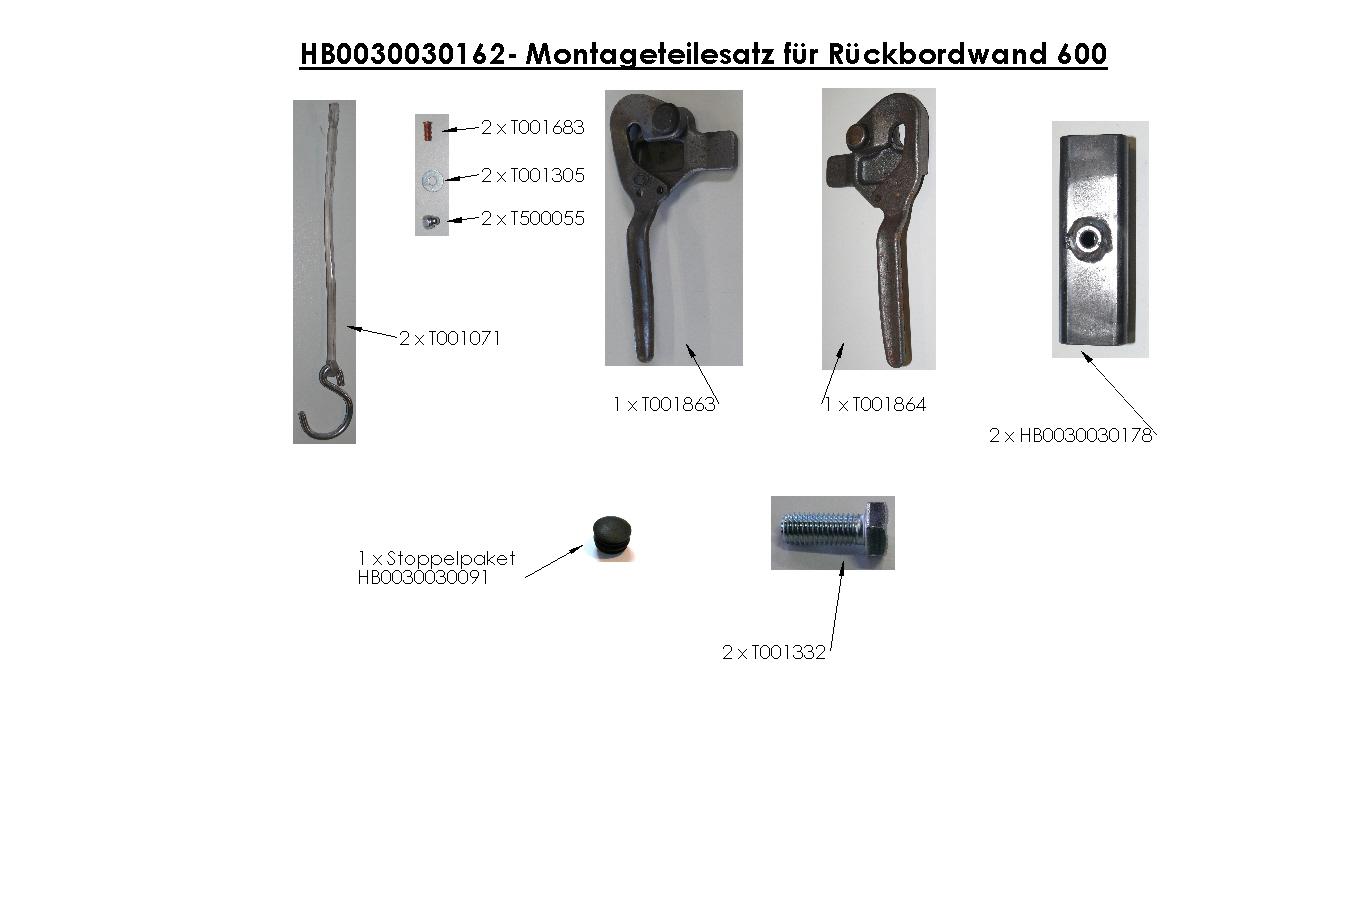 Brantner Kipper und Anhänger - BW-Zubehör für 2-SK Höhe 600